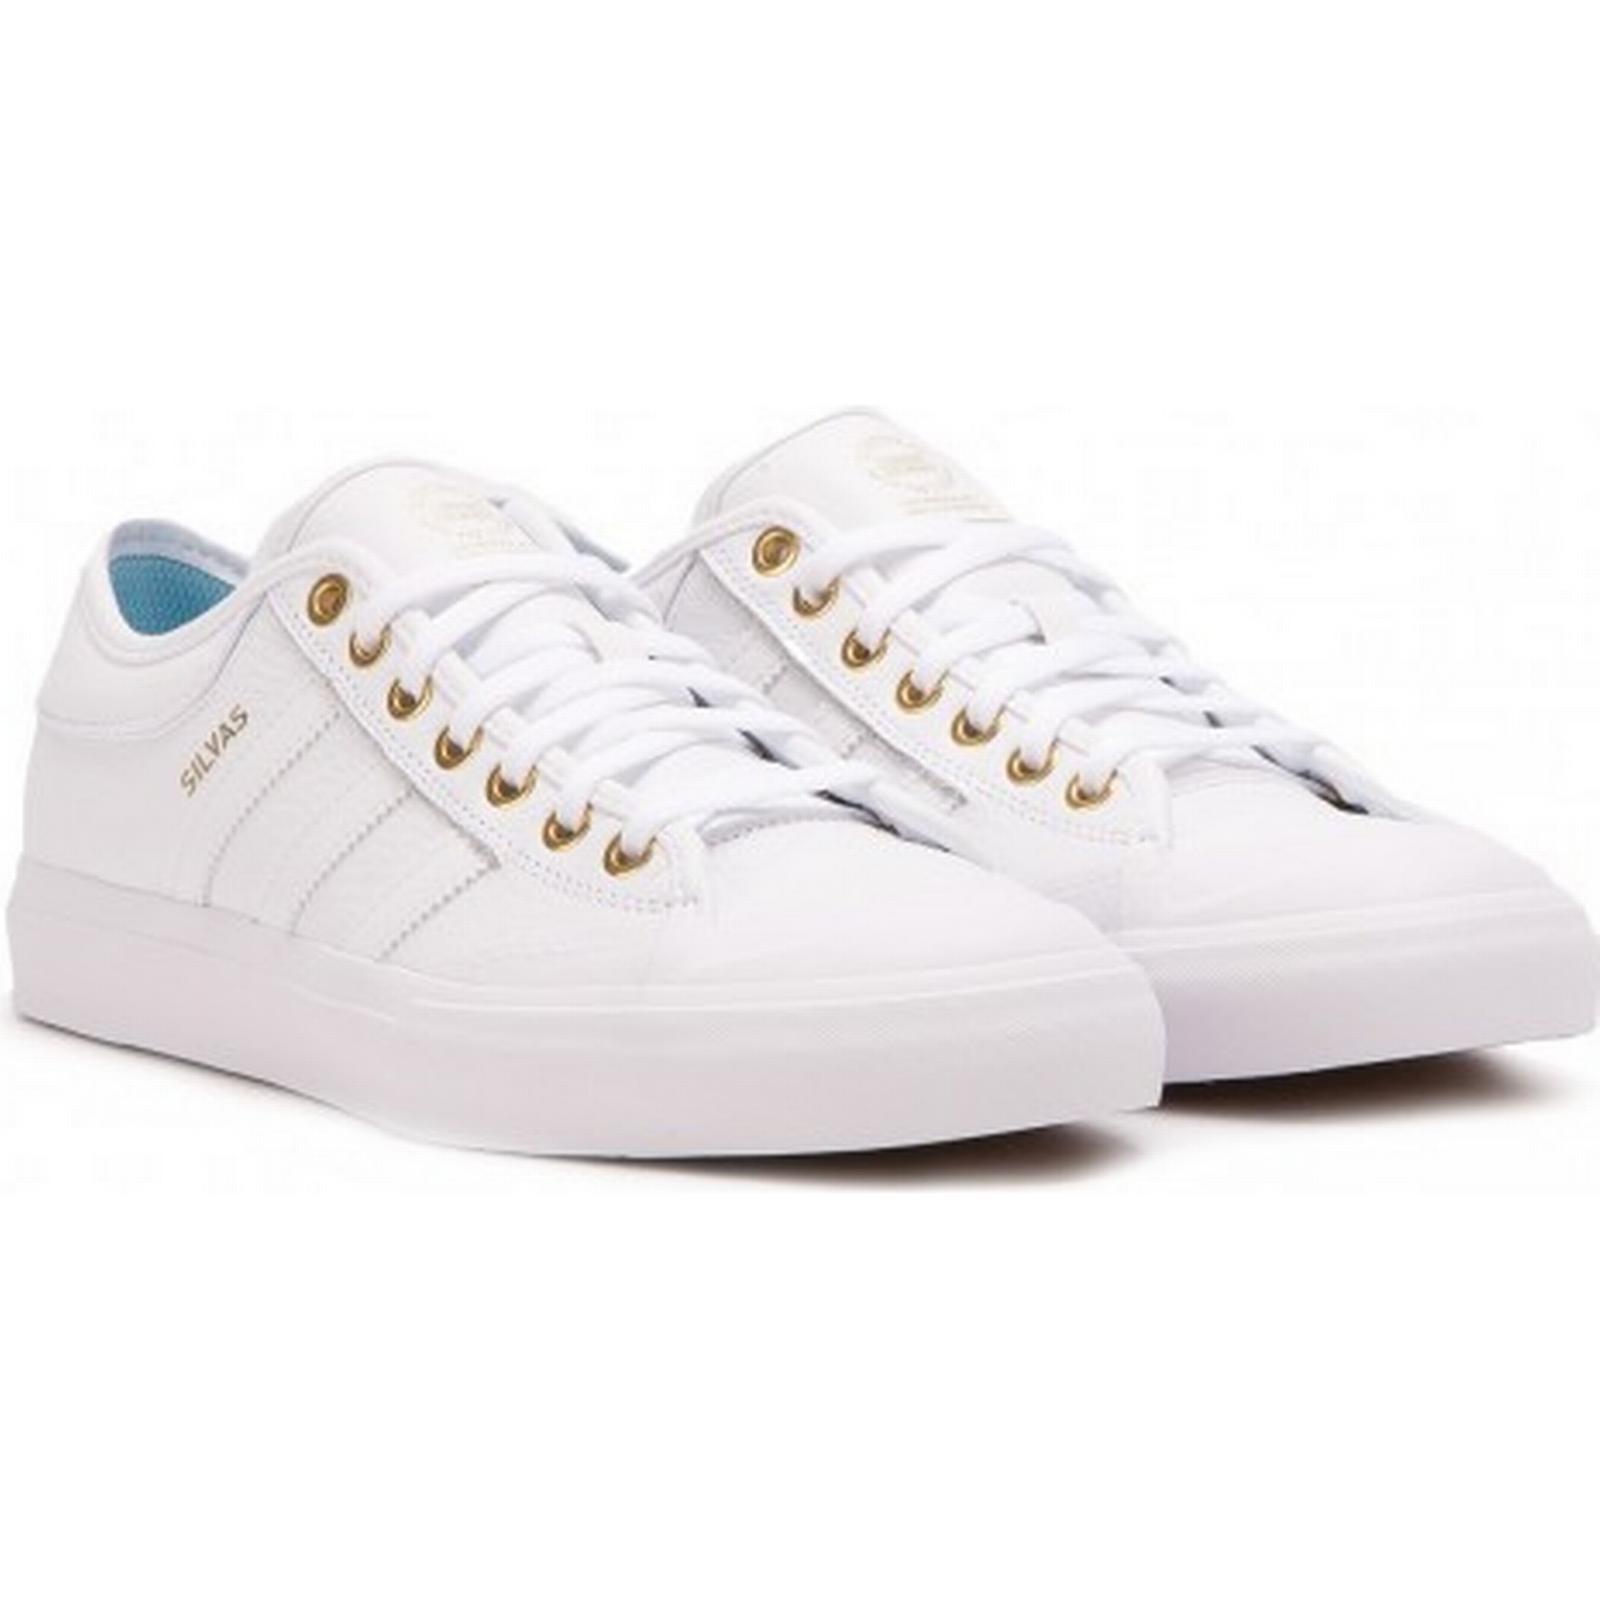 Mr/Ms - Adidas Matchcourt - (White) - Matchcourt Exquisite 245b2f